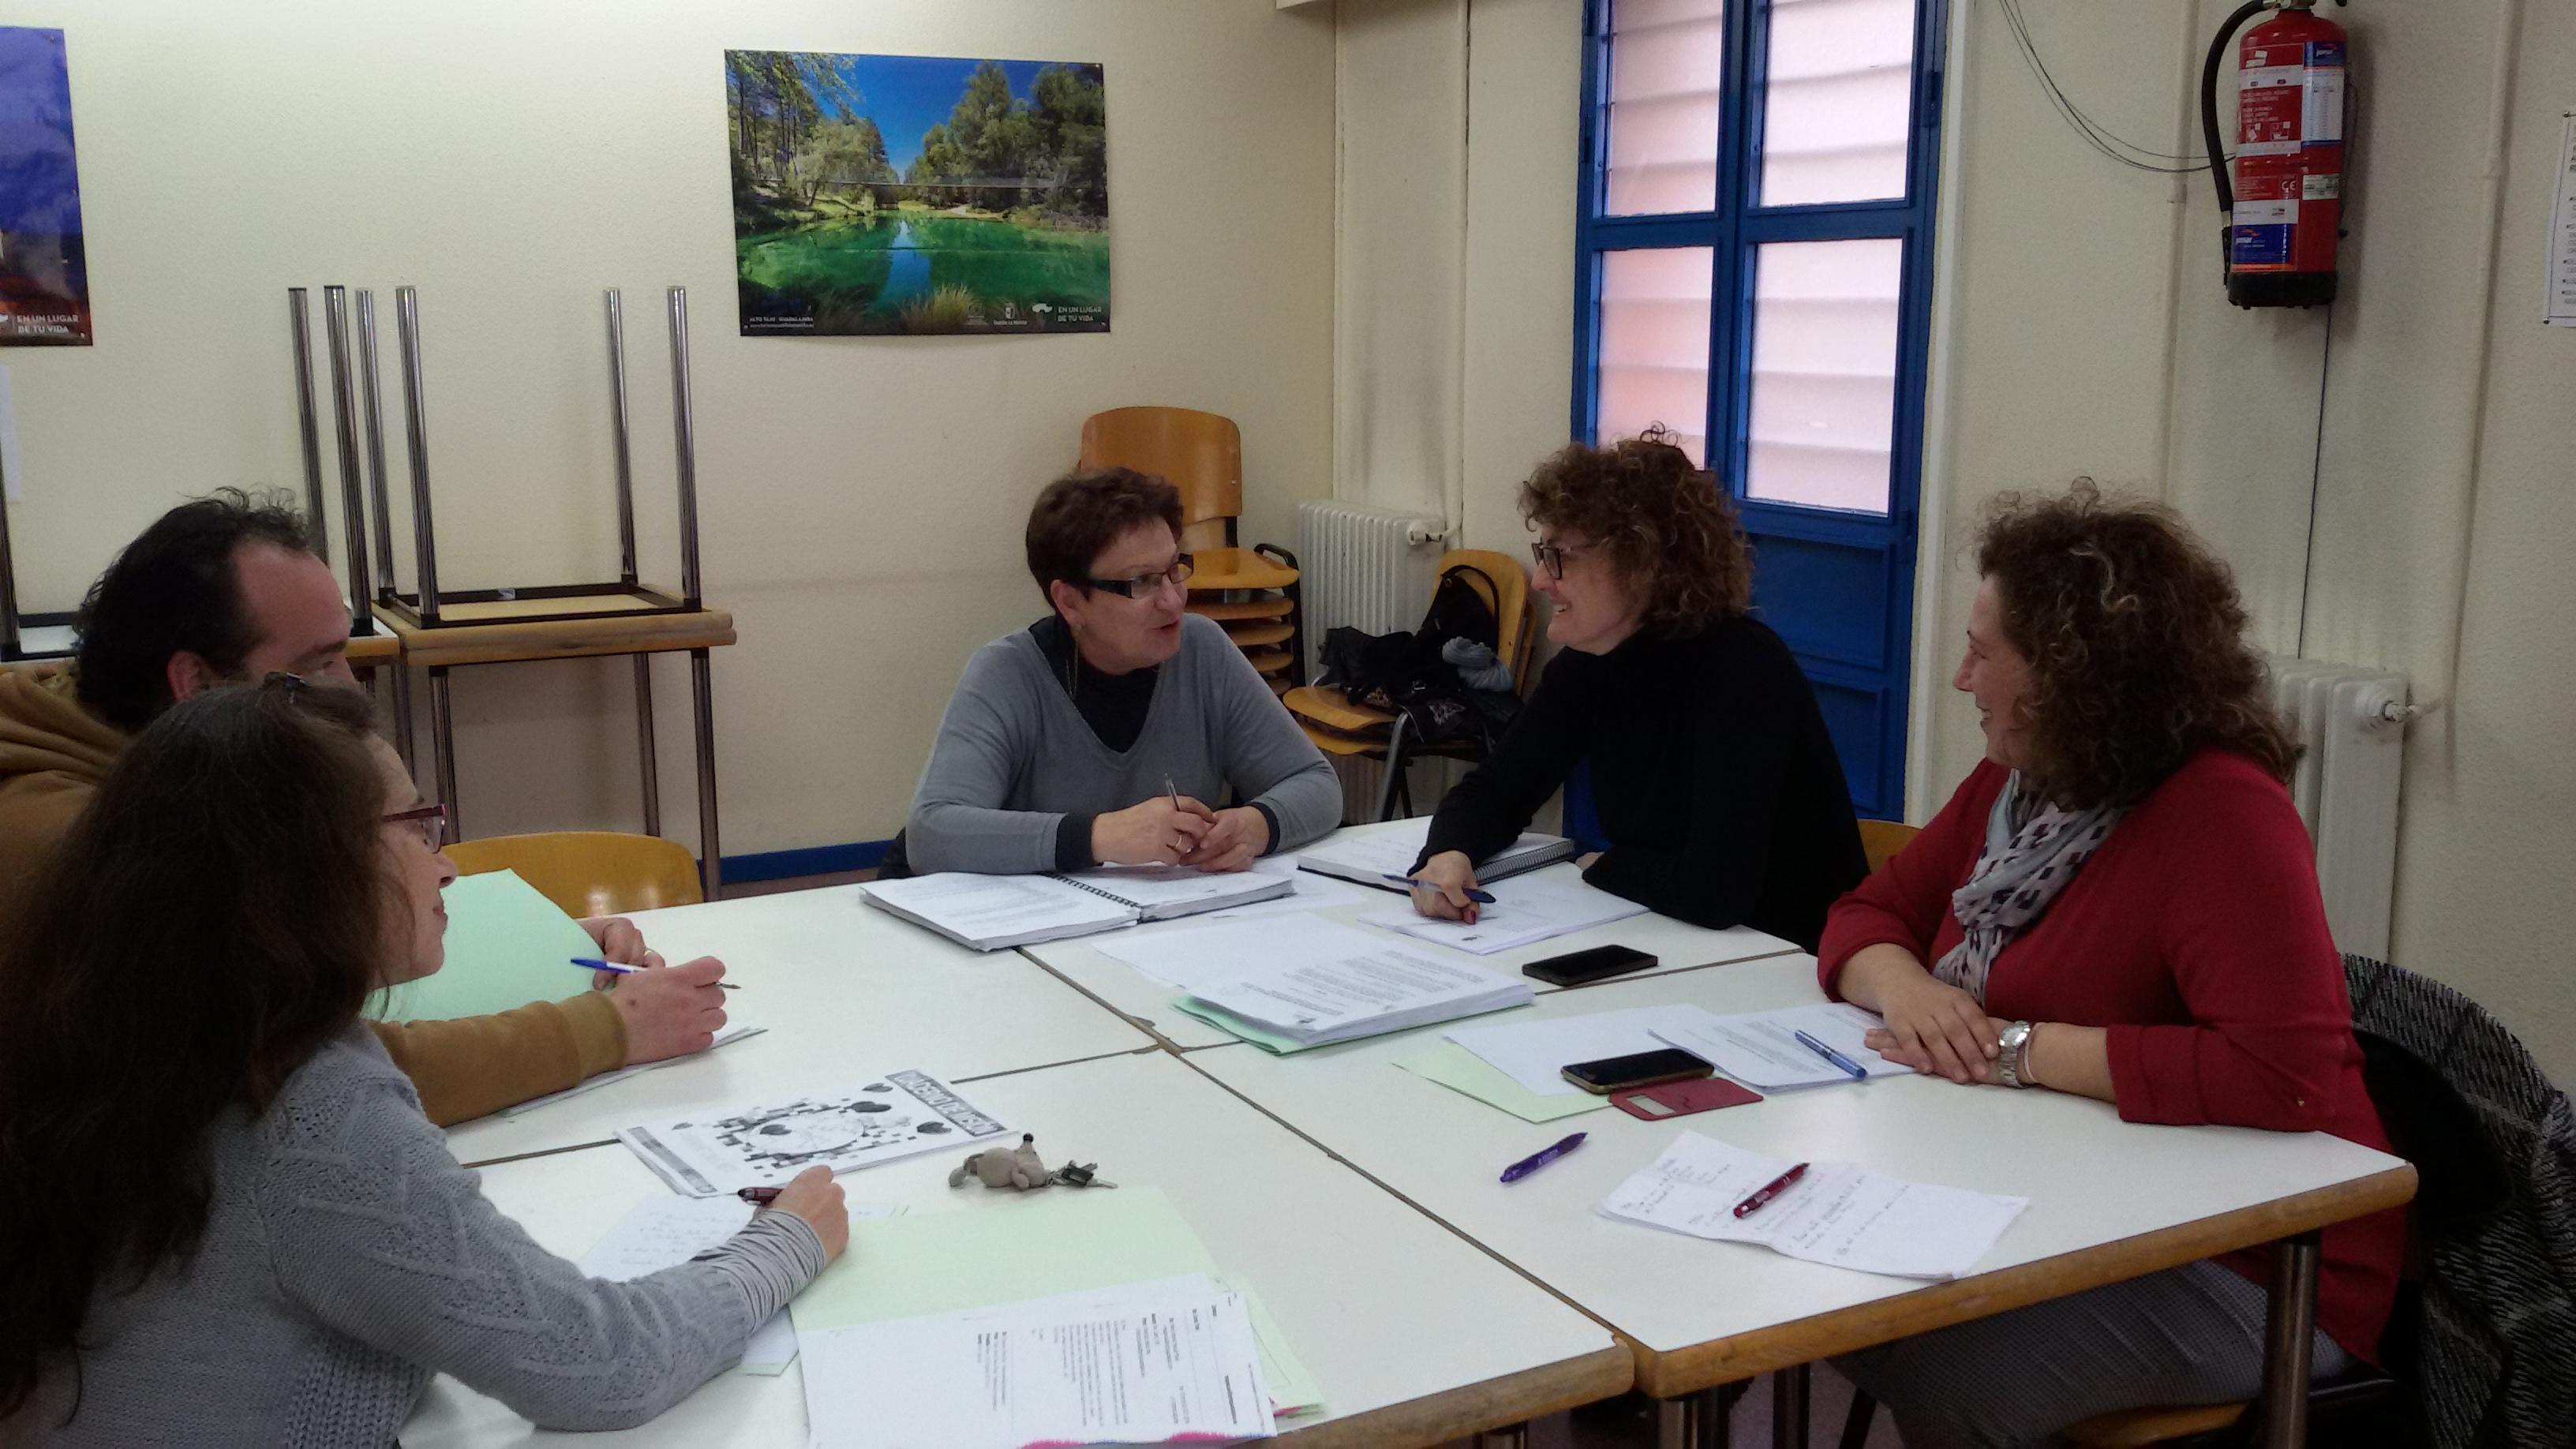 La Concejalía de Infancia, Familia y Bienestar Social prepara la reunión del próximo Consejo de Infancia